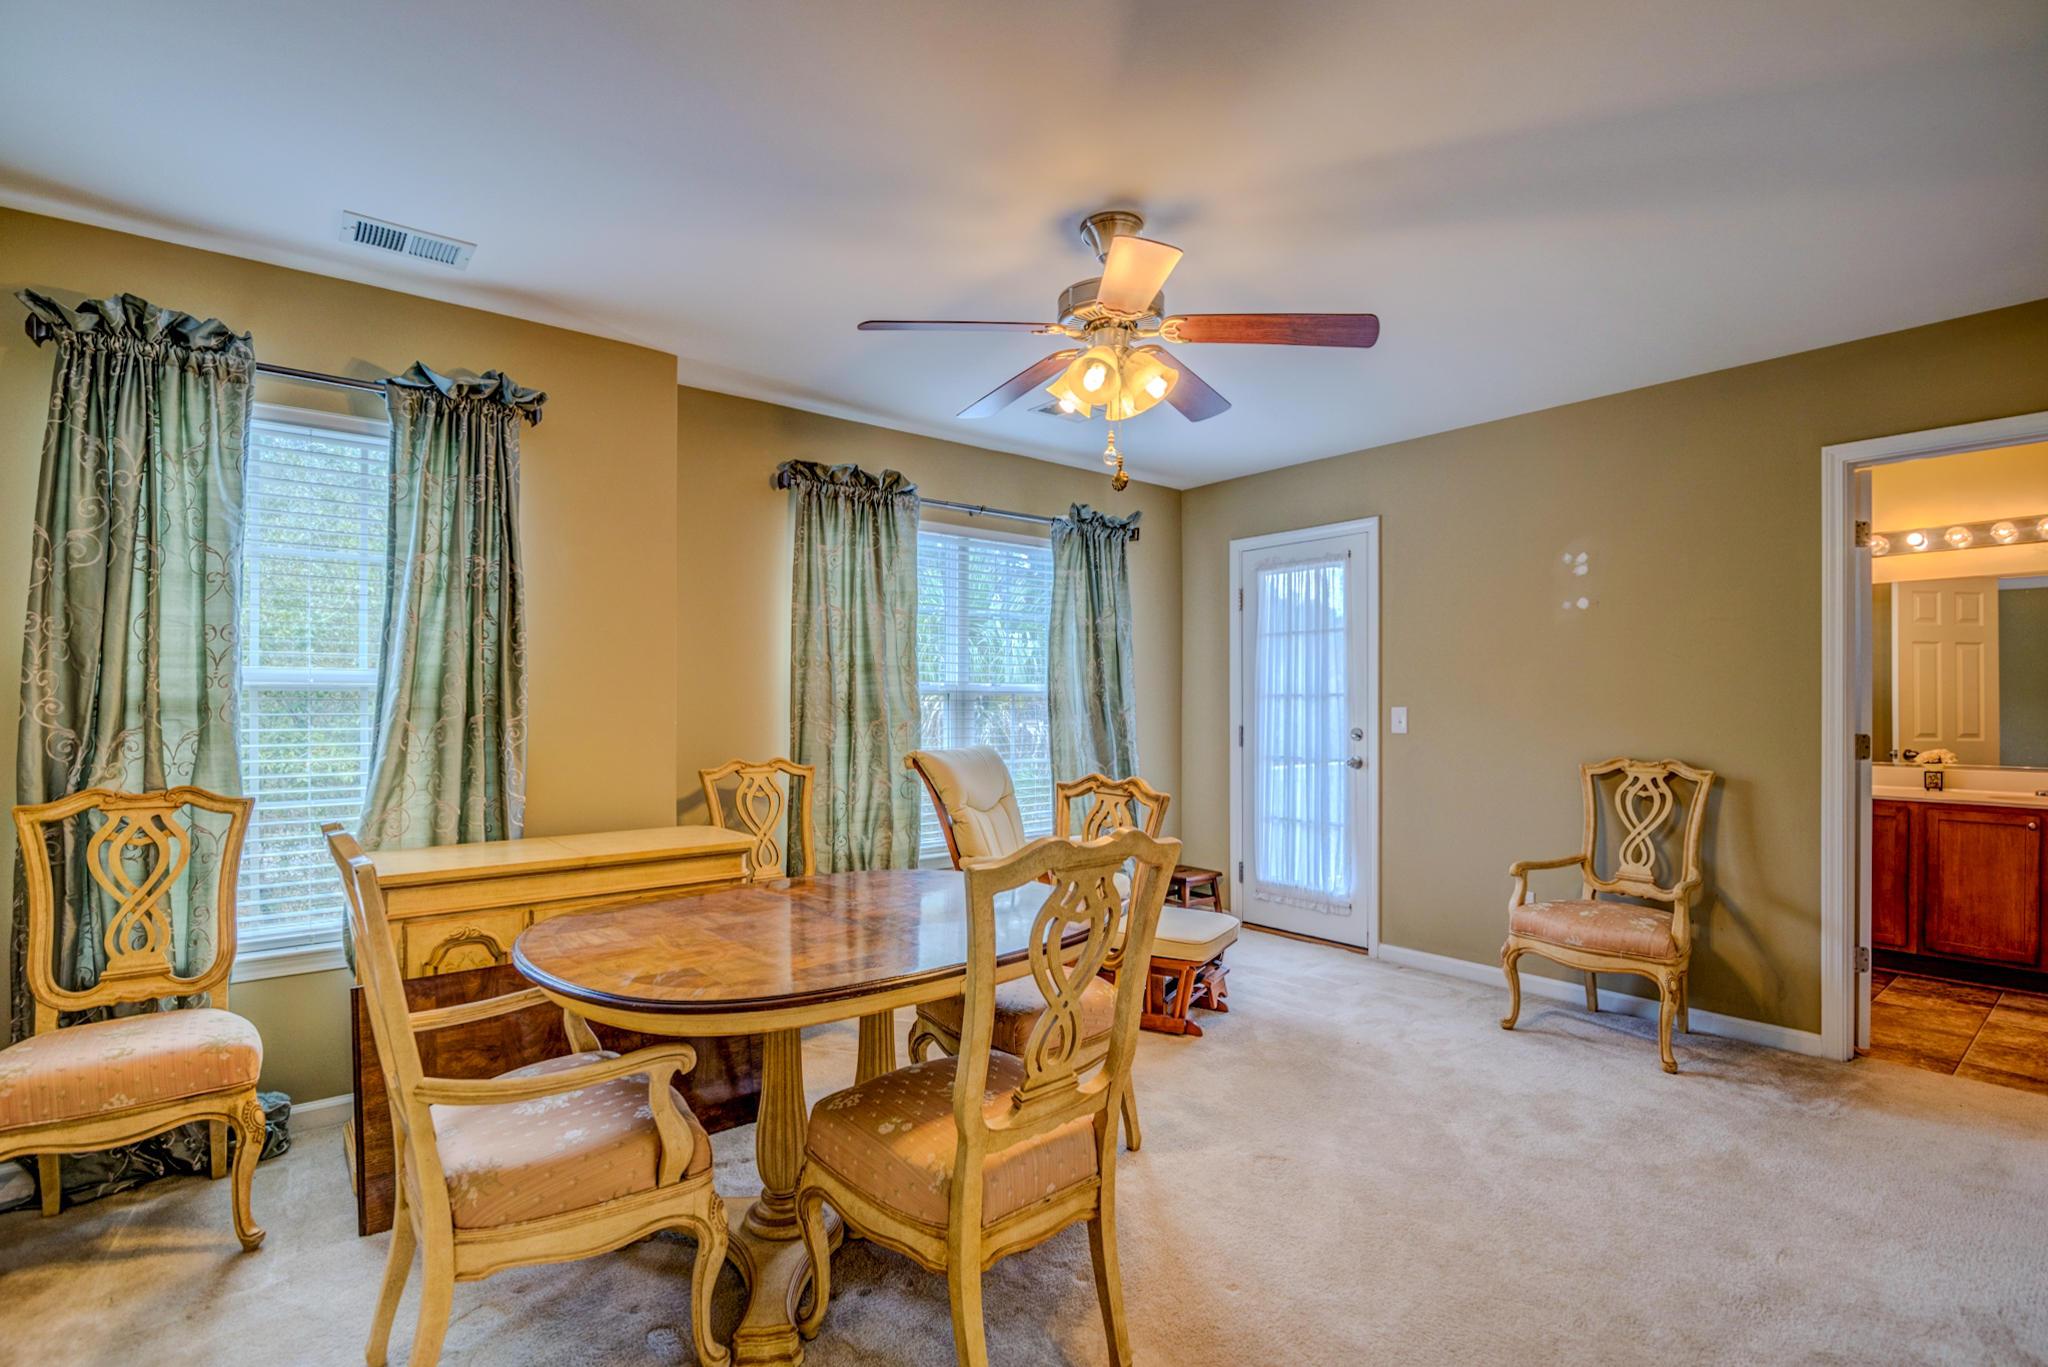 Park West Homes For Sale - 3001 Parkwest, Mount Pleasant, SC - 9